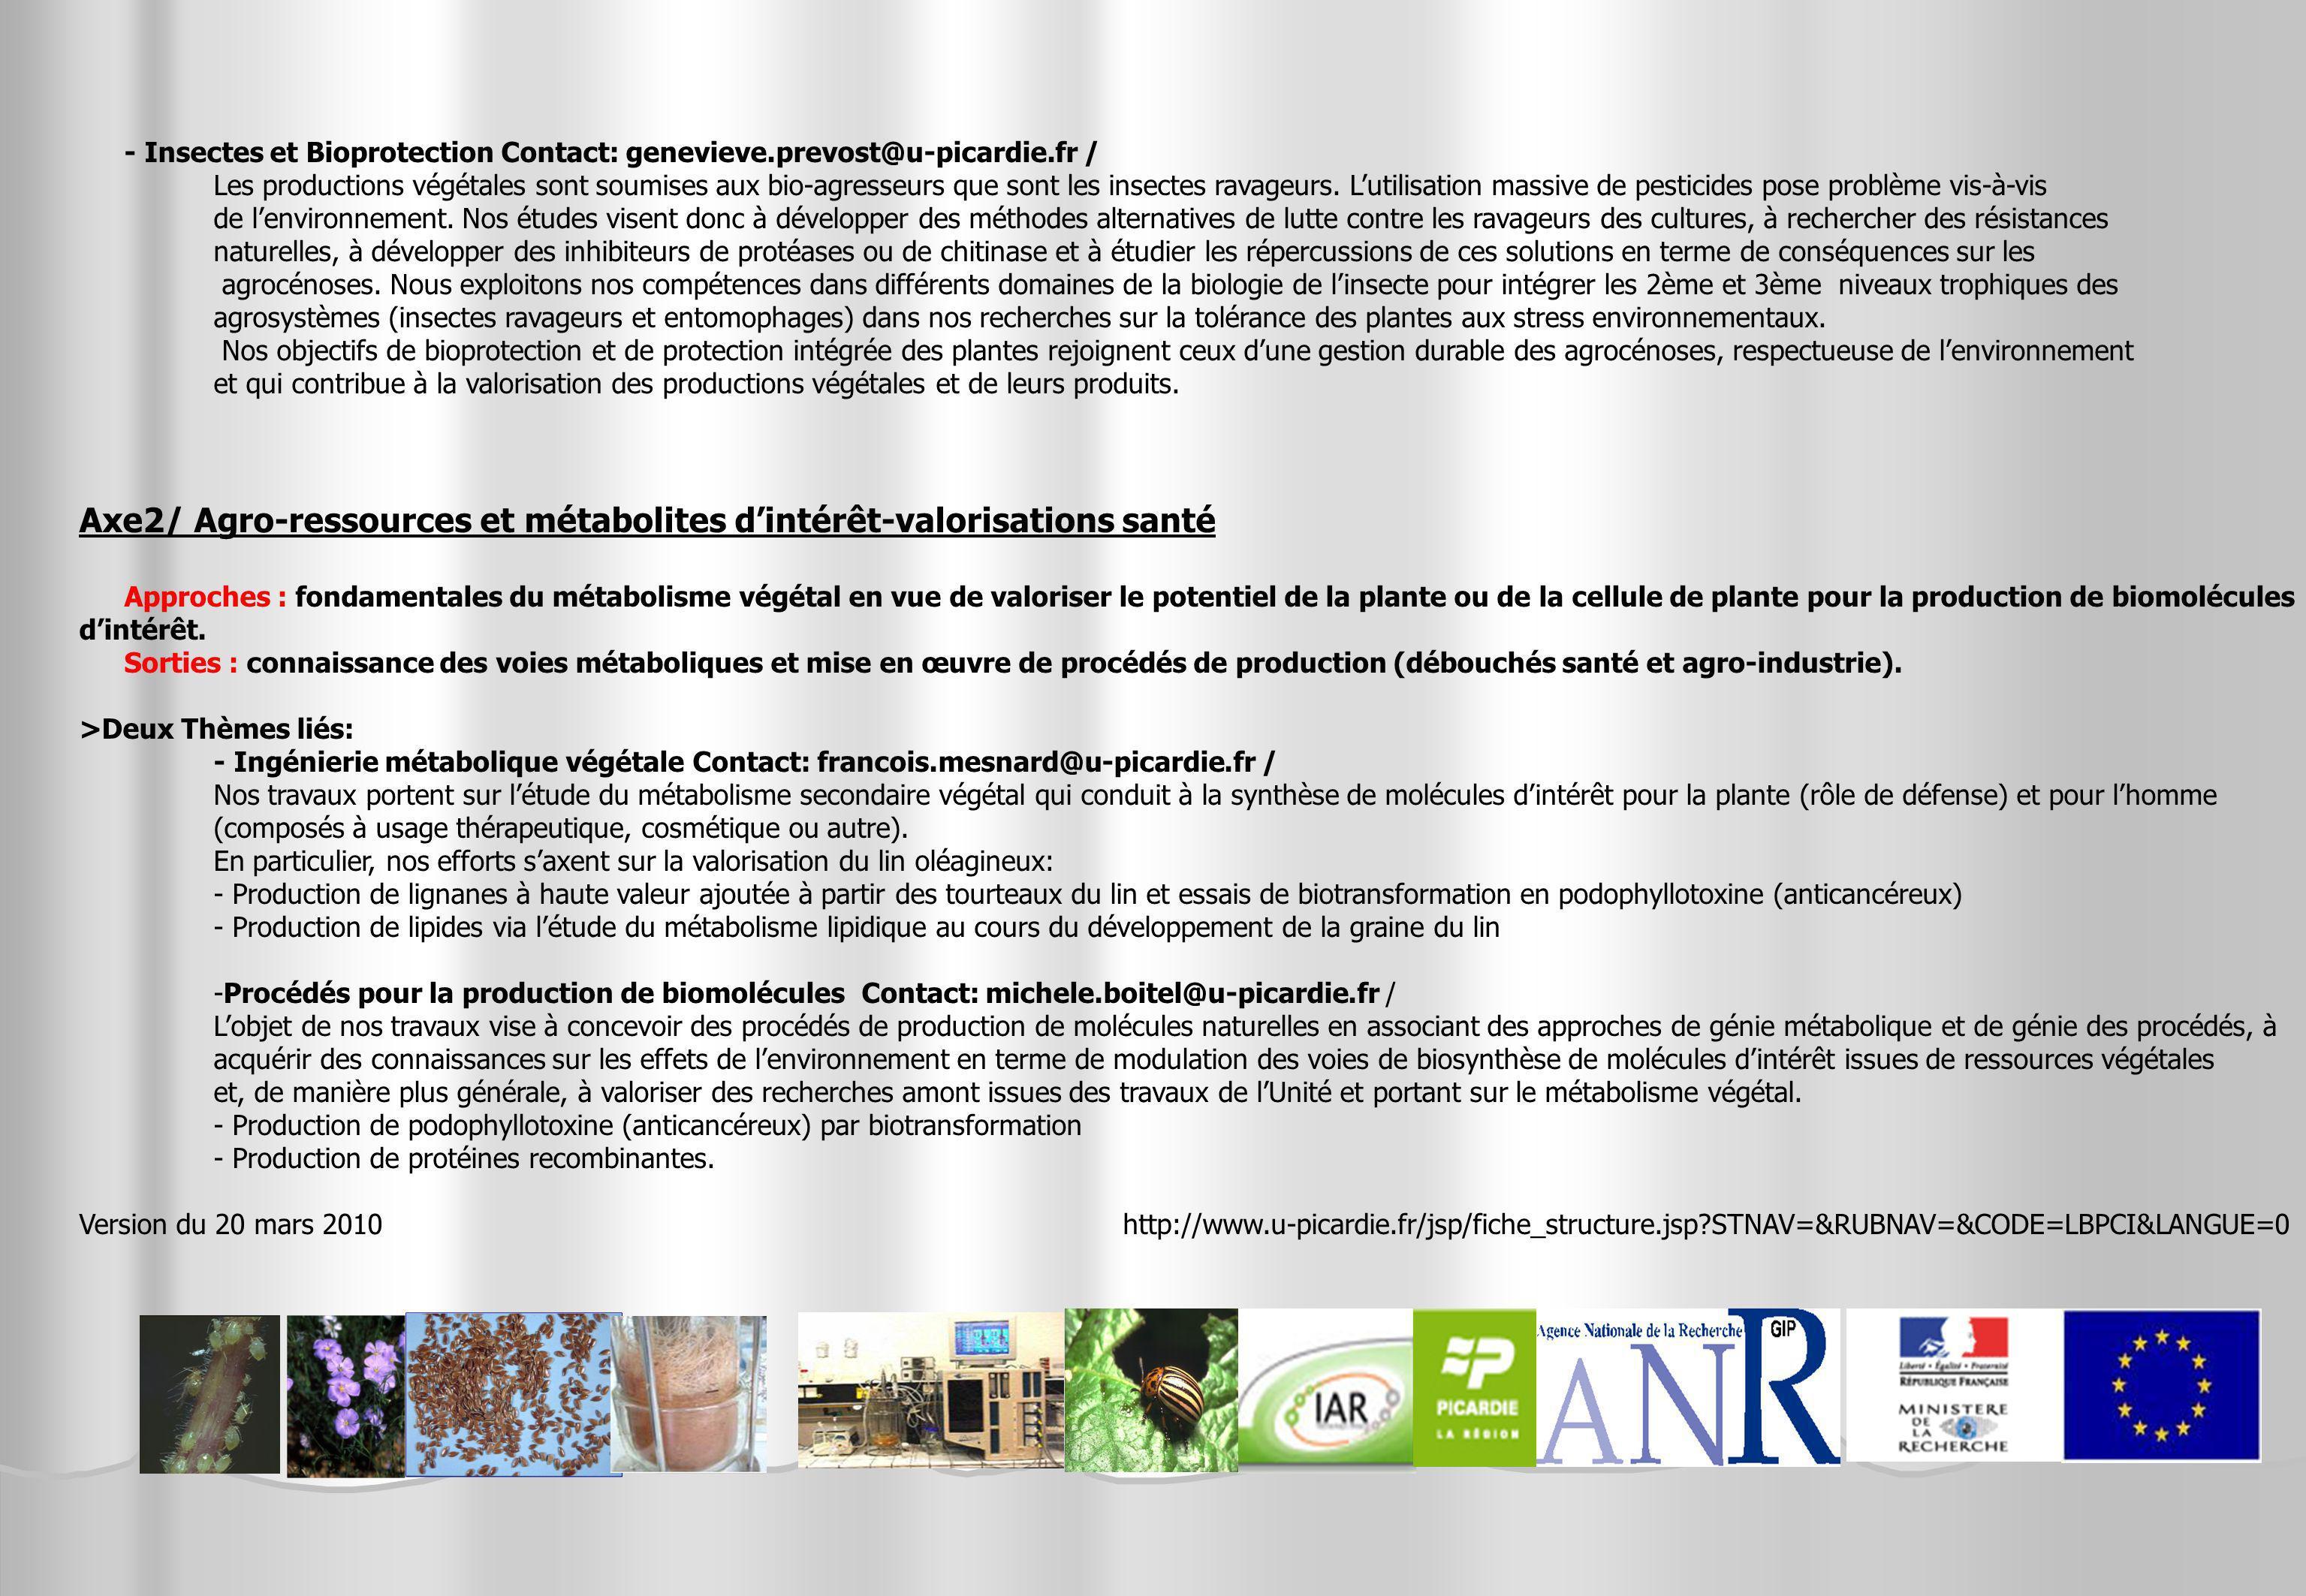 Axe2/ Agro-ressources et métabolites d'intérêt-valorisations santé